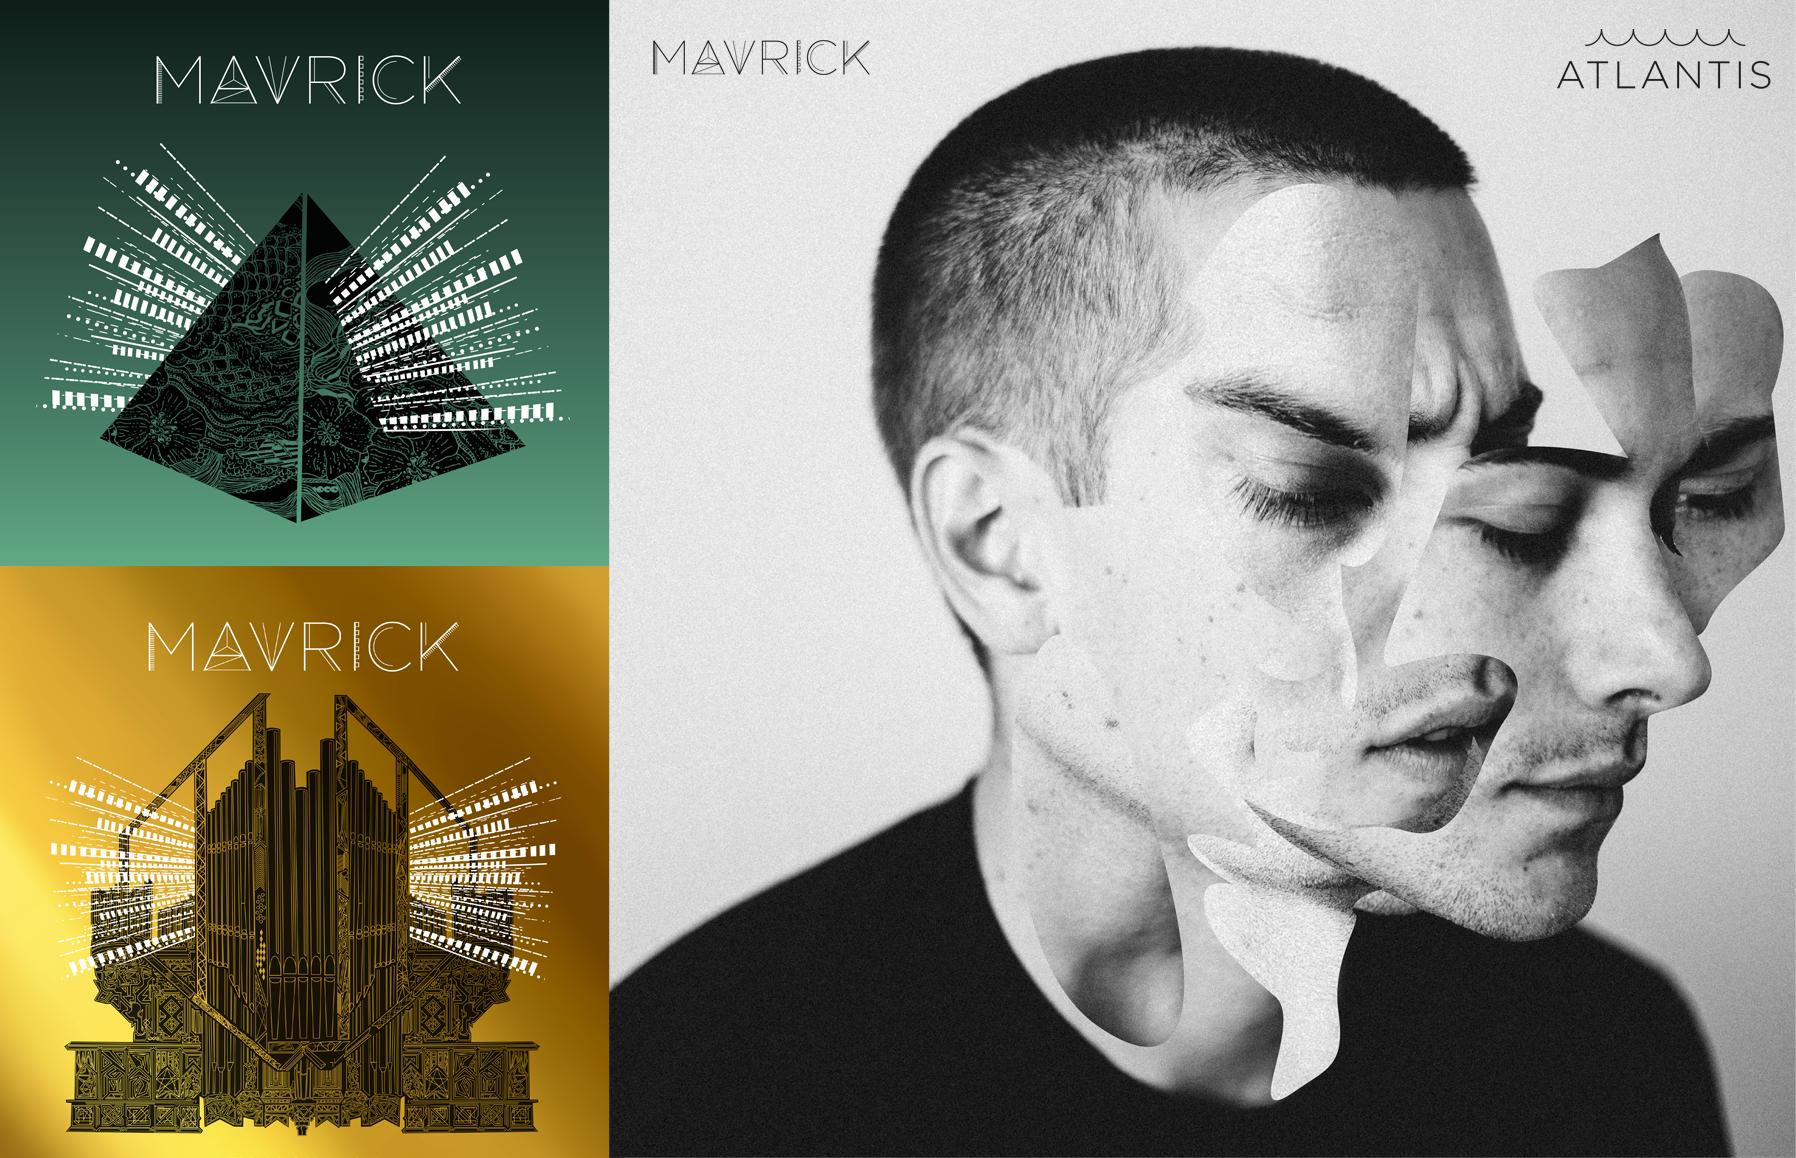 Mavrick / Universal Music